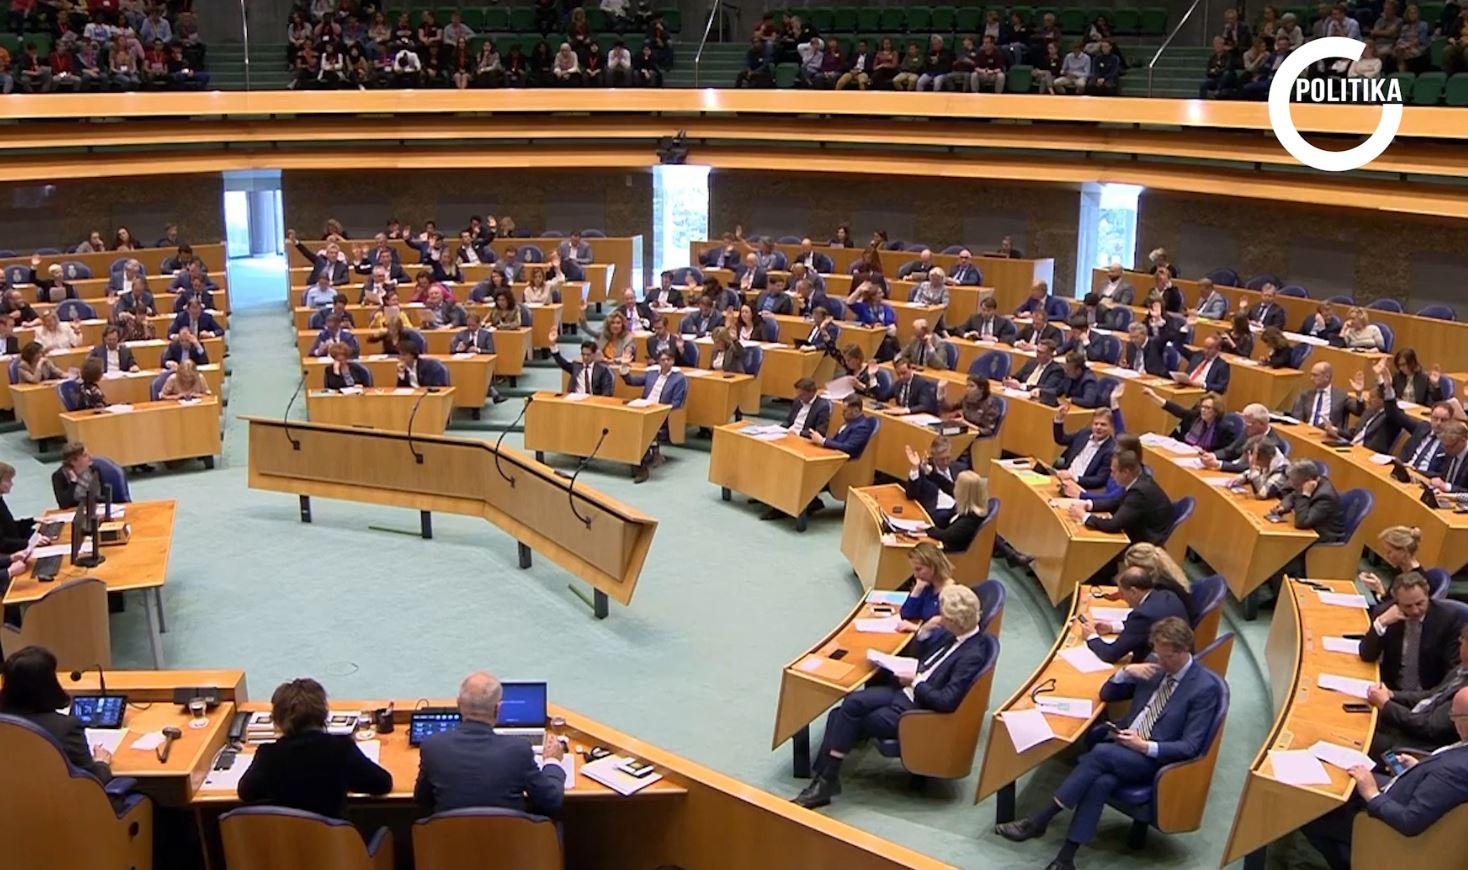 Holanda dhe tensioni i shtuar politik